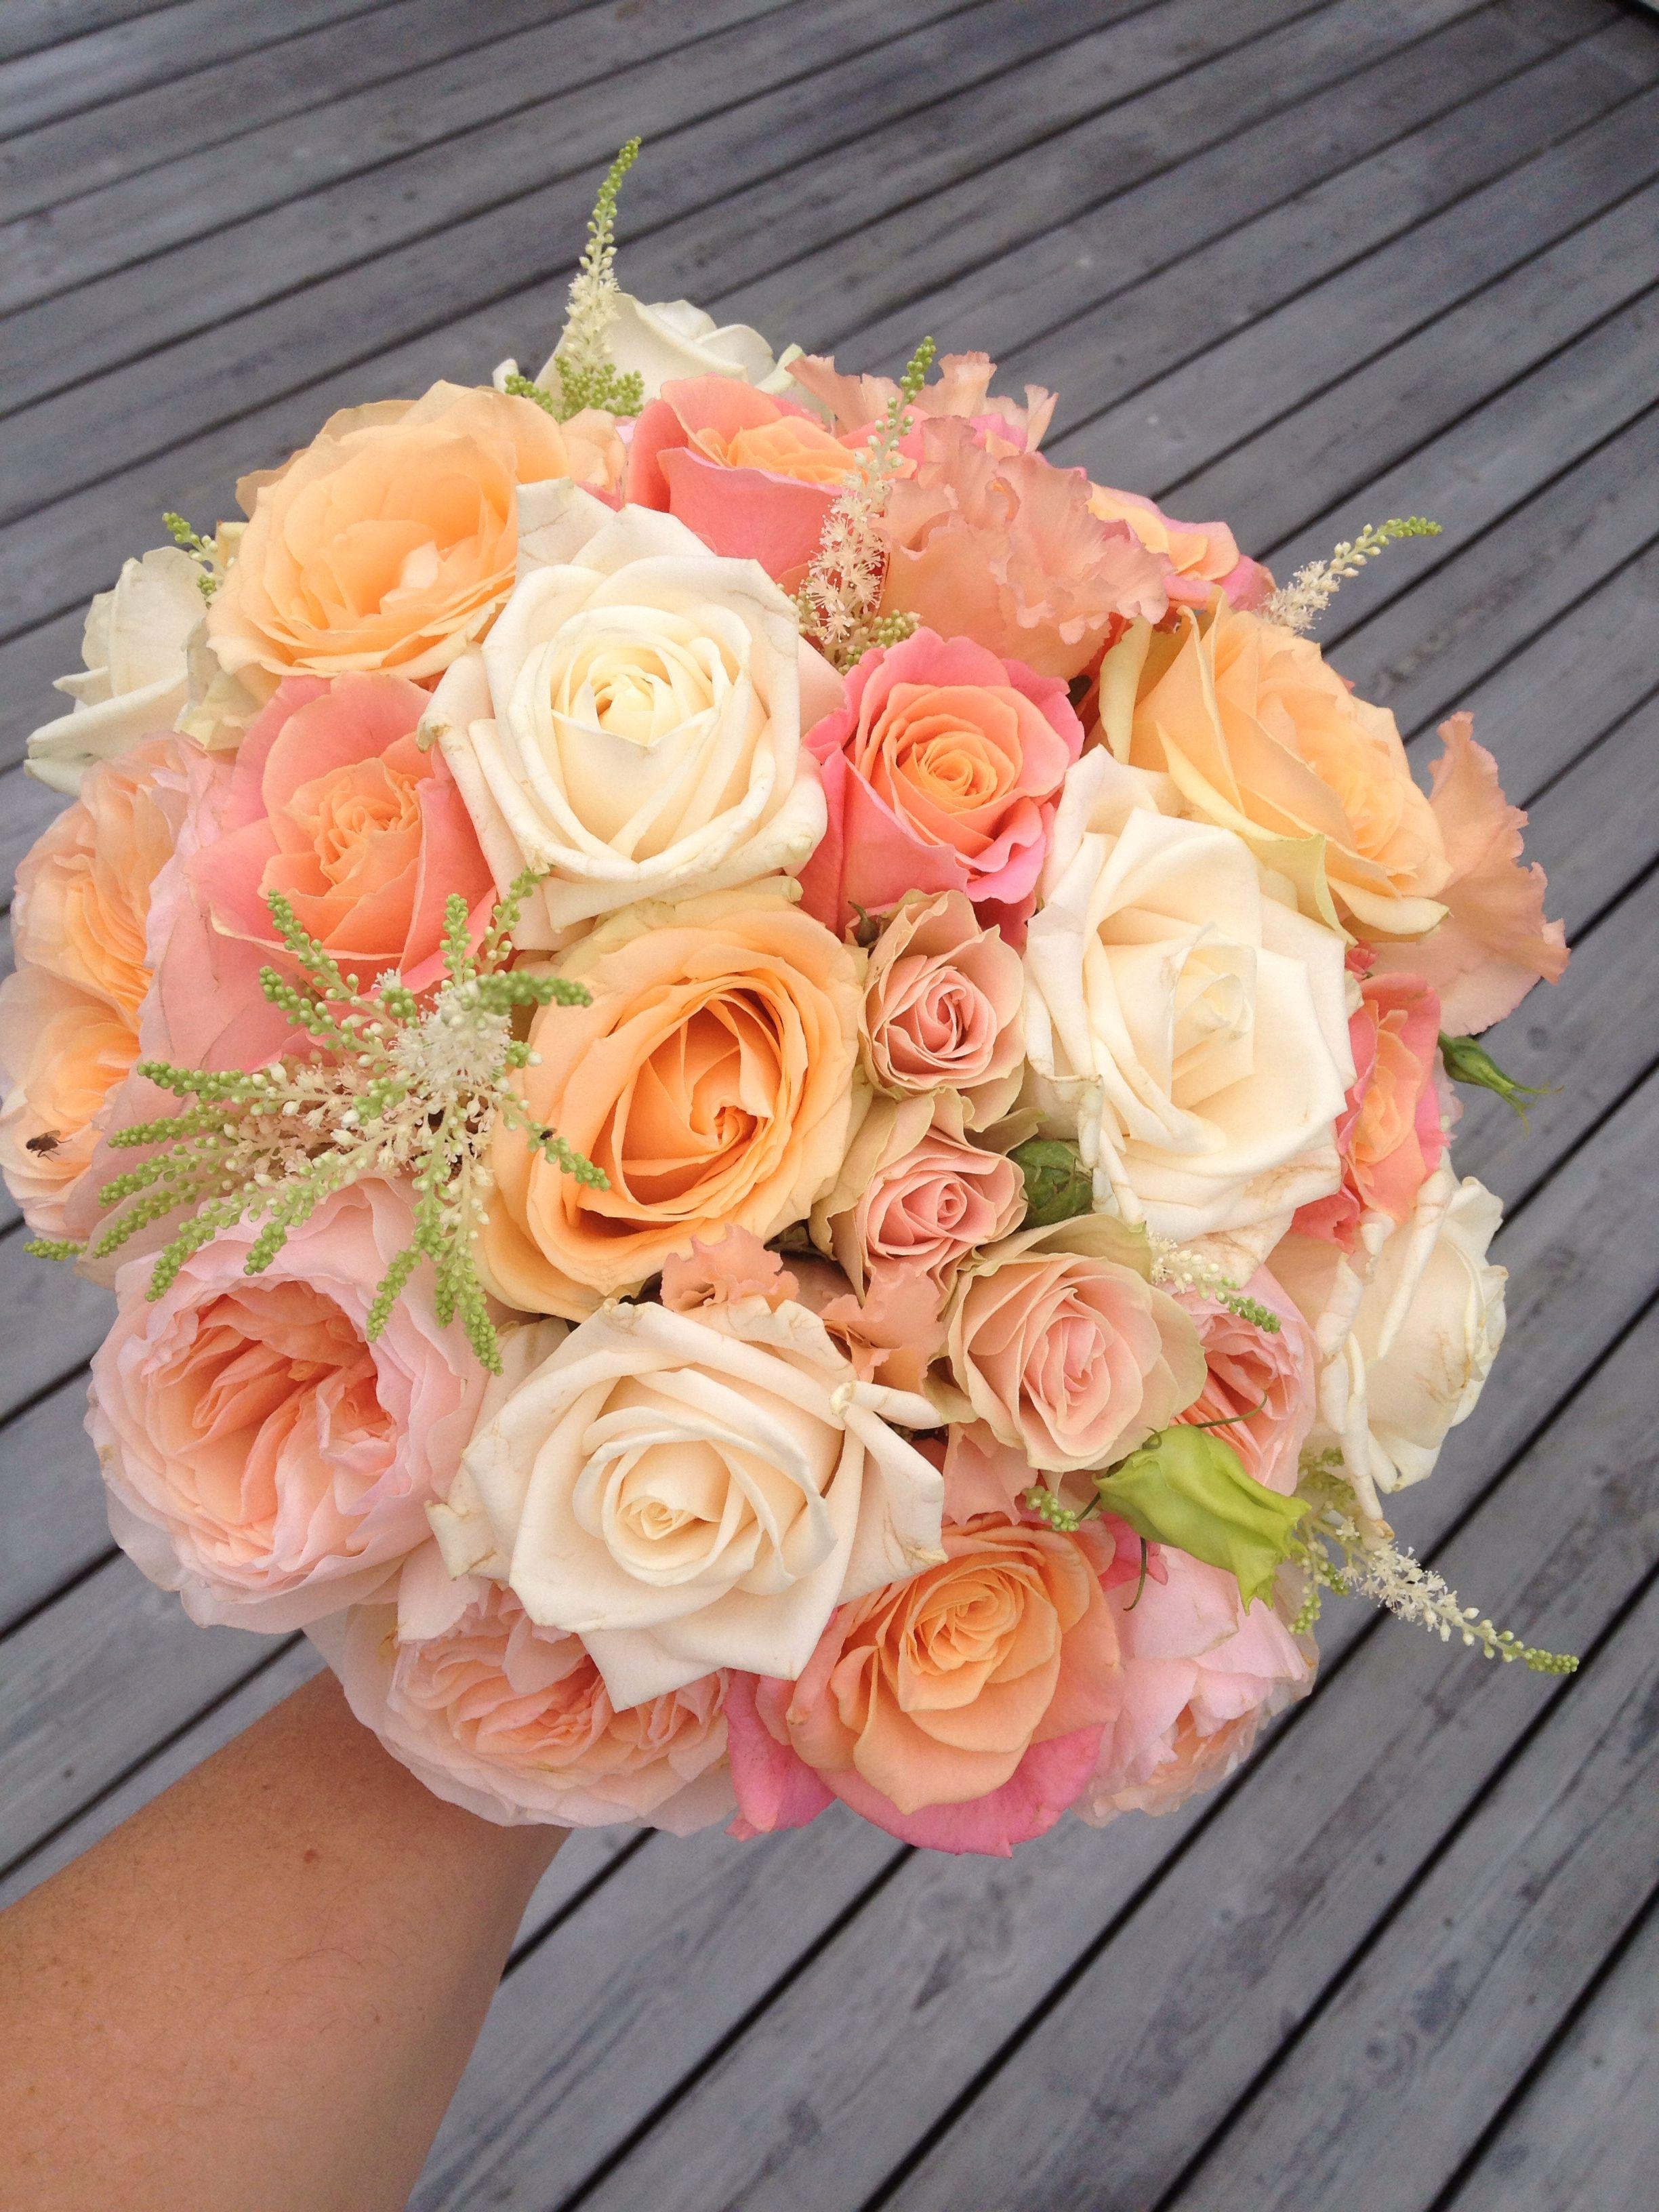 реанимации ребёнок розы персиковый цвет фото картинках для